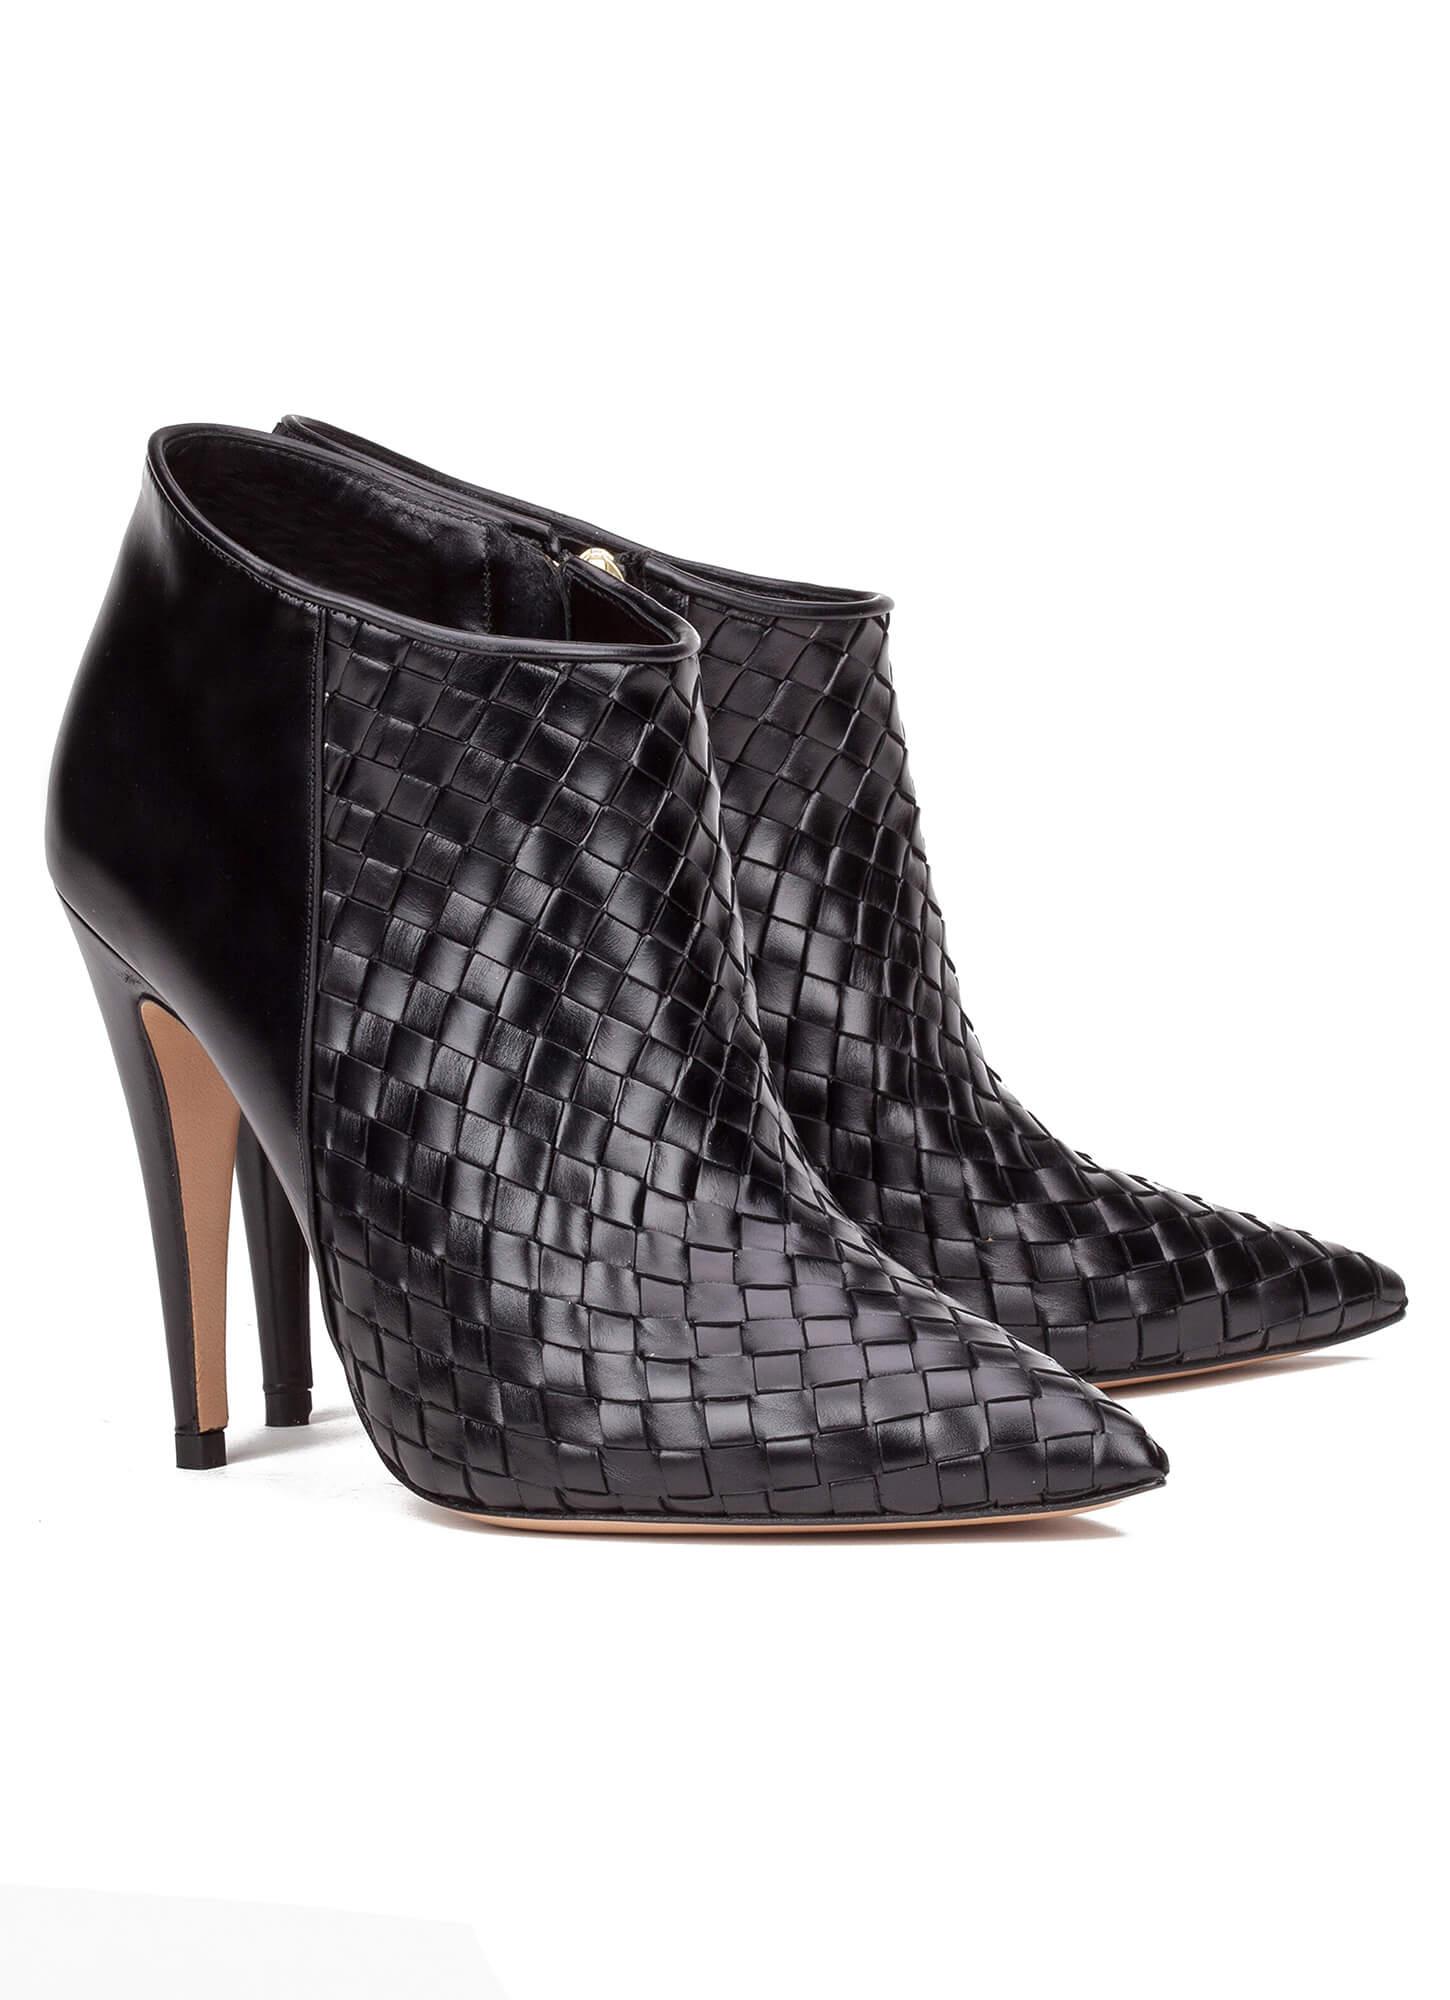 Pura de tacón negros Botines zapatos de en alto tienda López piel UzxFwgqF